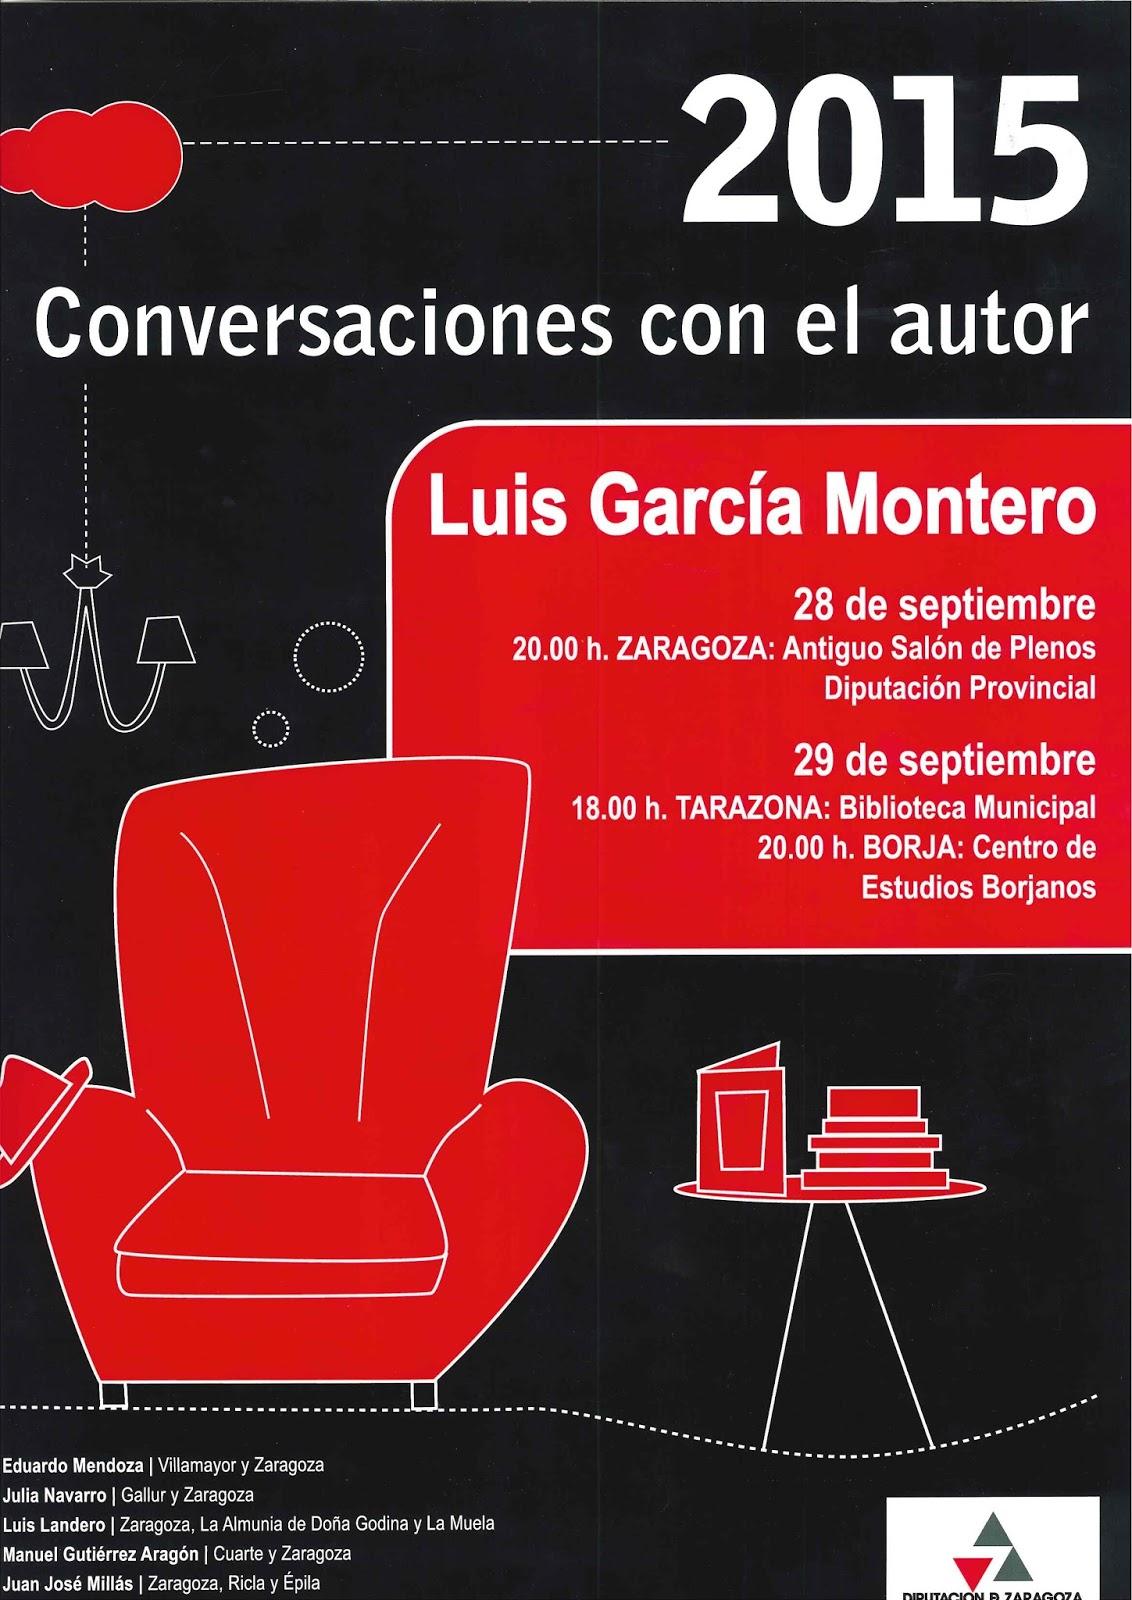 Centro de Estudios Borjanos: septiembre 2015